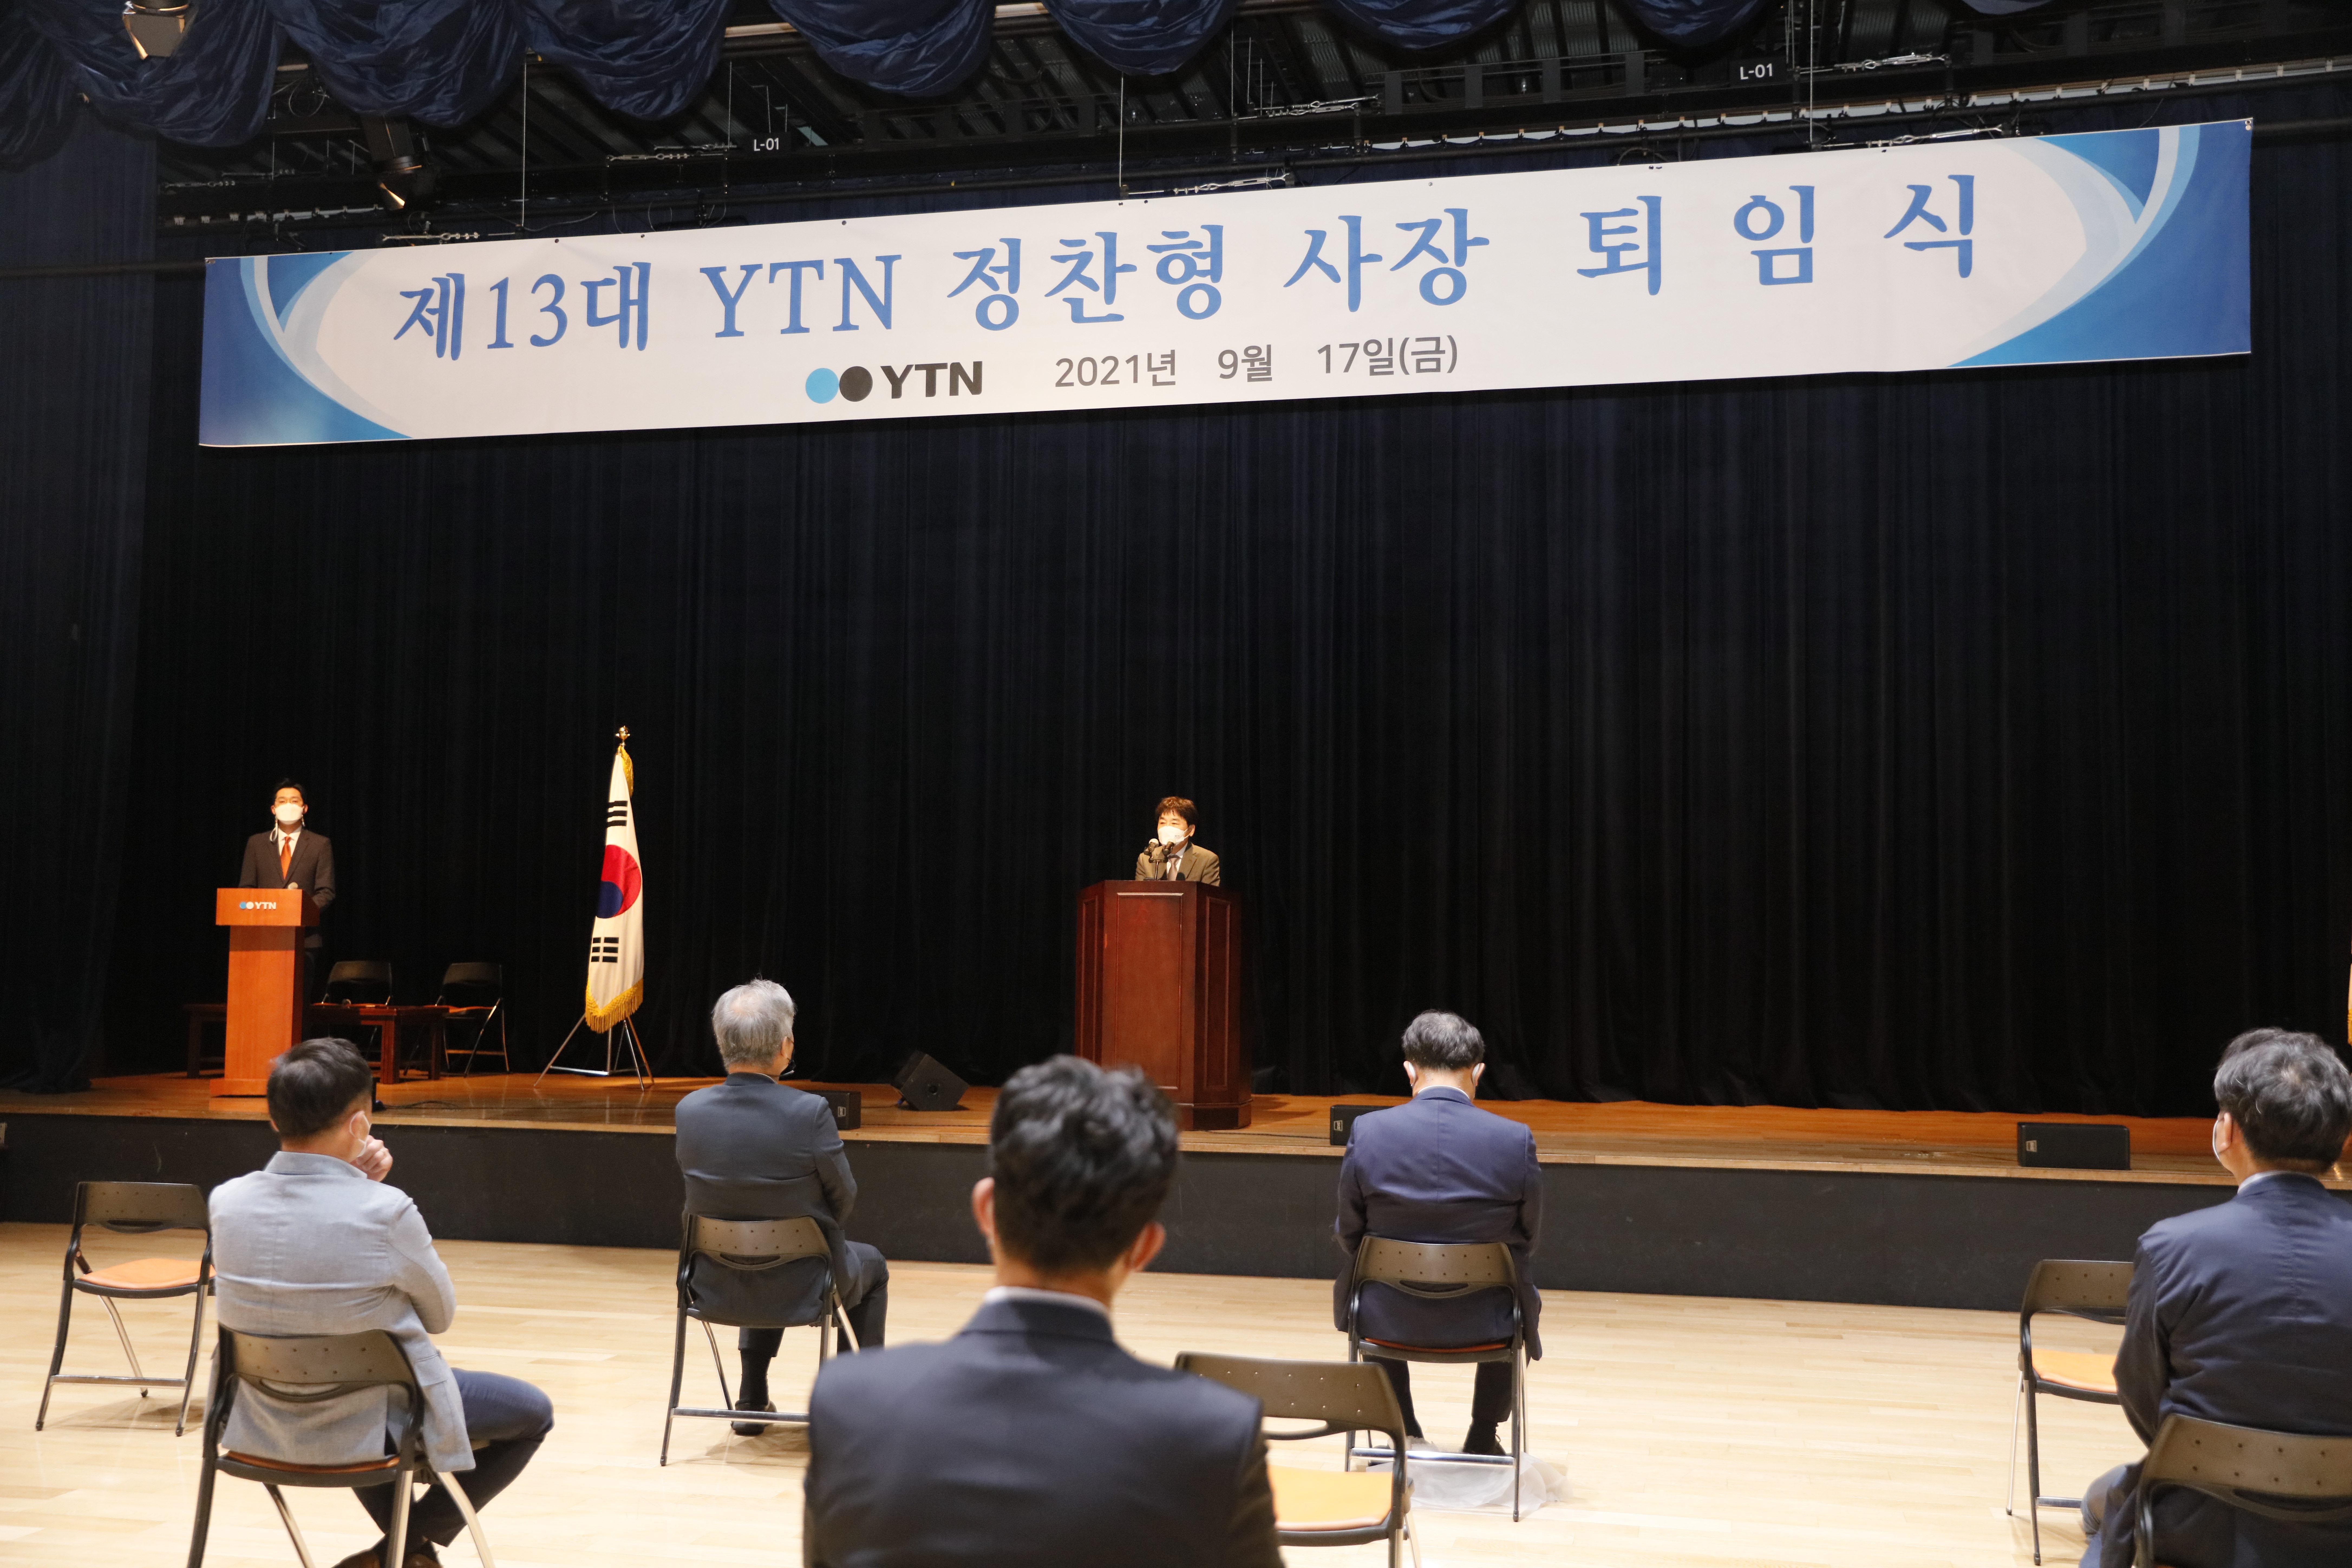 제13대 YTN 정찬형 사장 퇴임식 개최